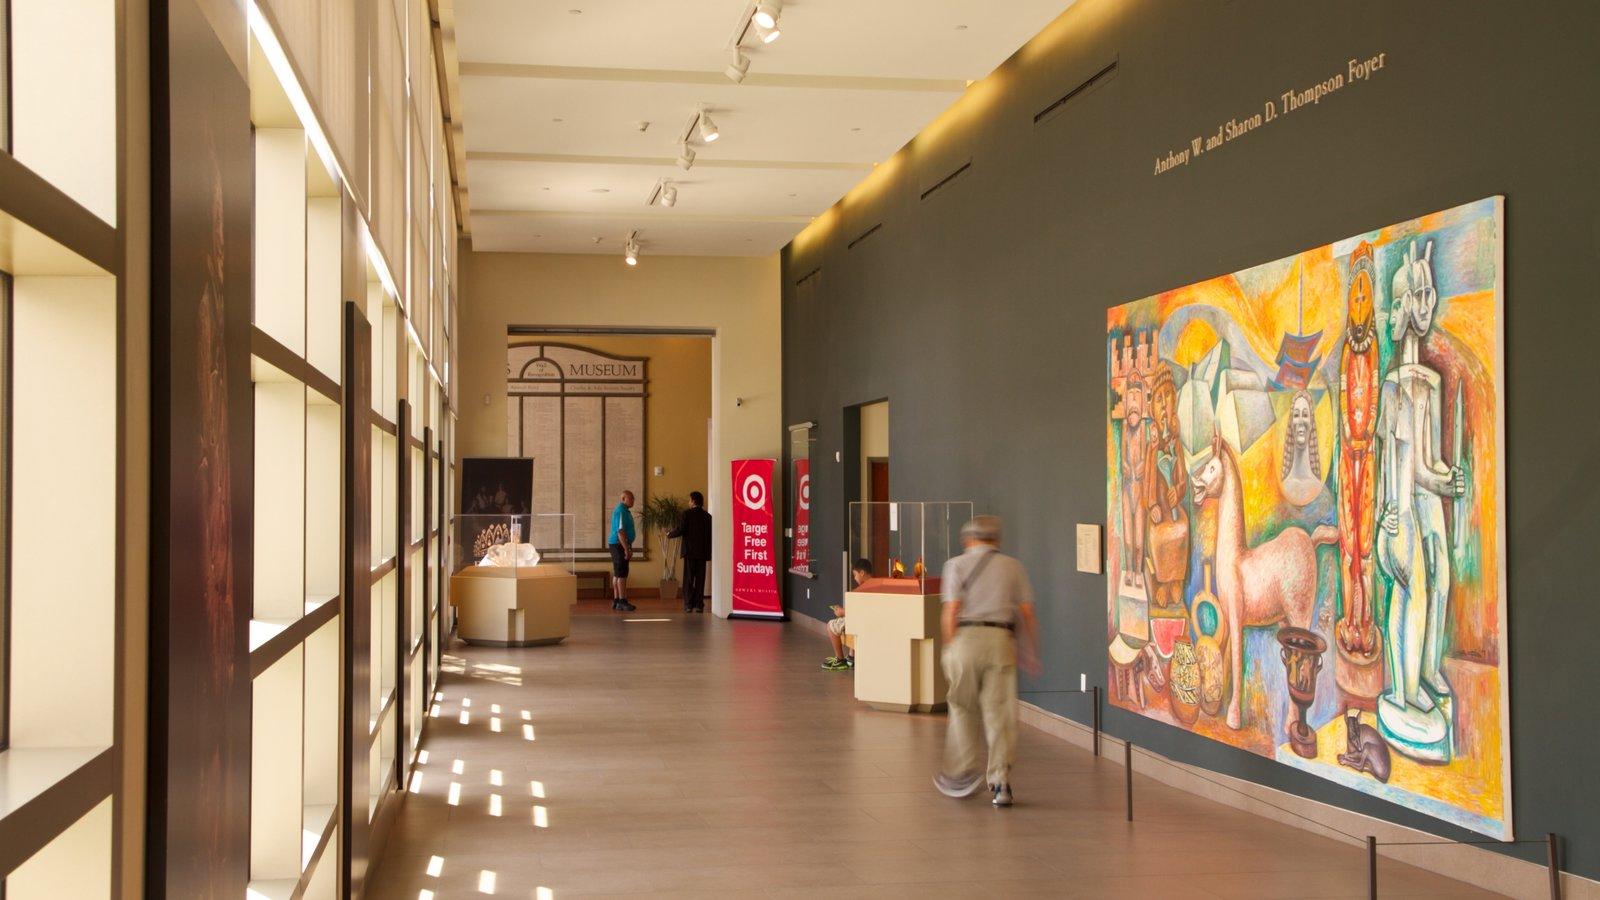 Museo Bowers que incluye vistas interiores